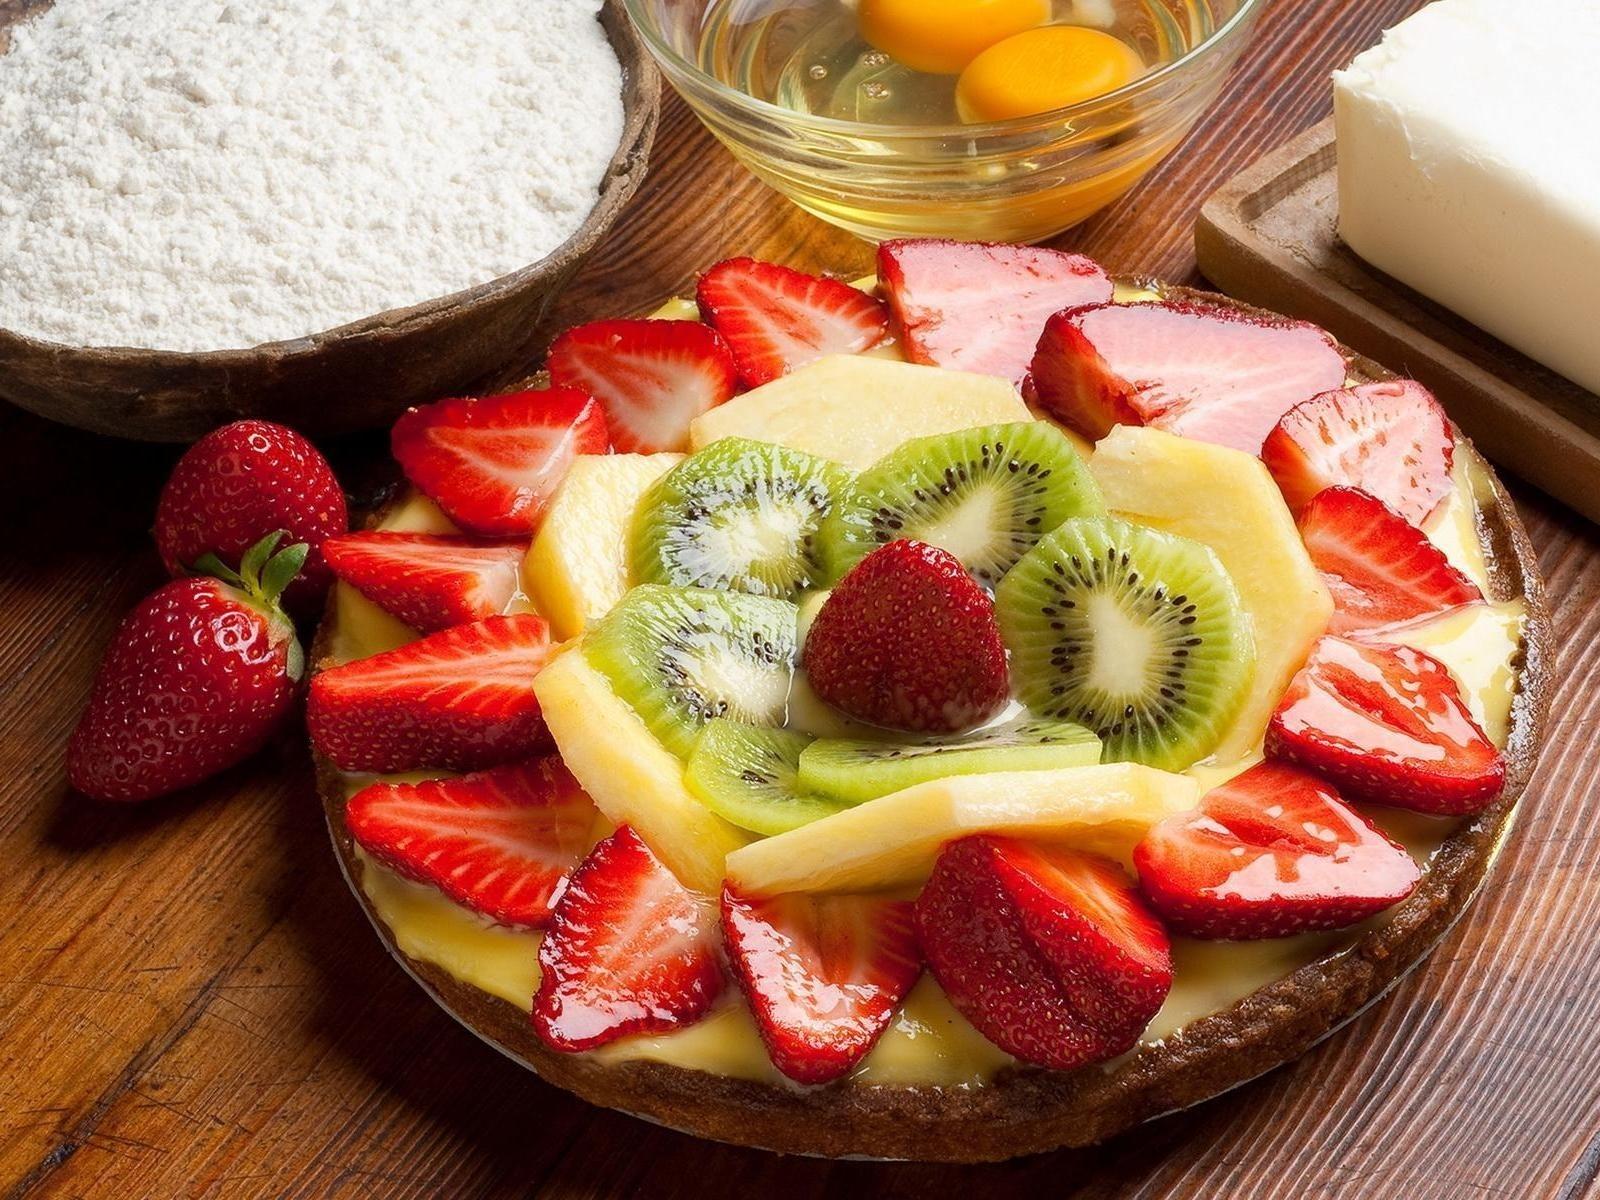 Hintergrundbilder : Lebensmittel, Frucht, Erdbeeren ...